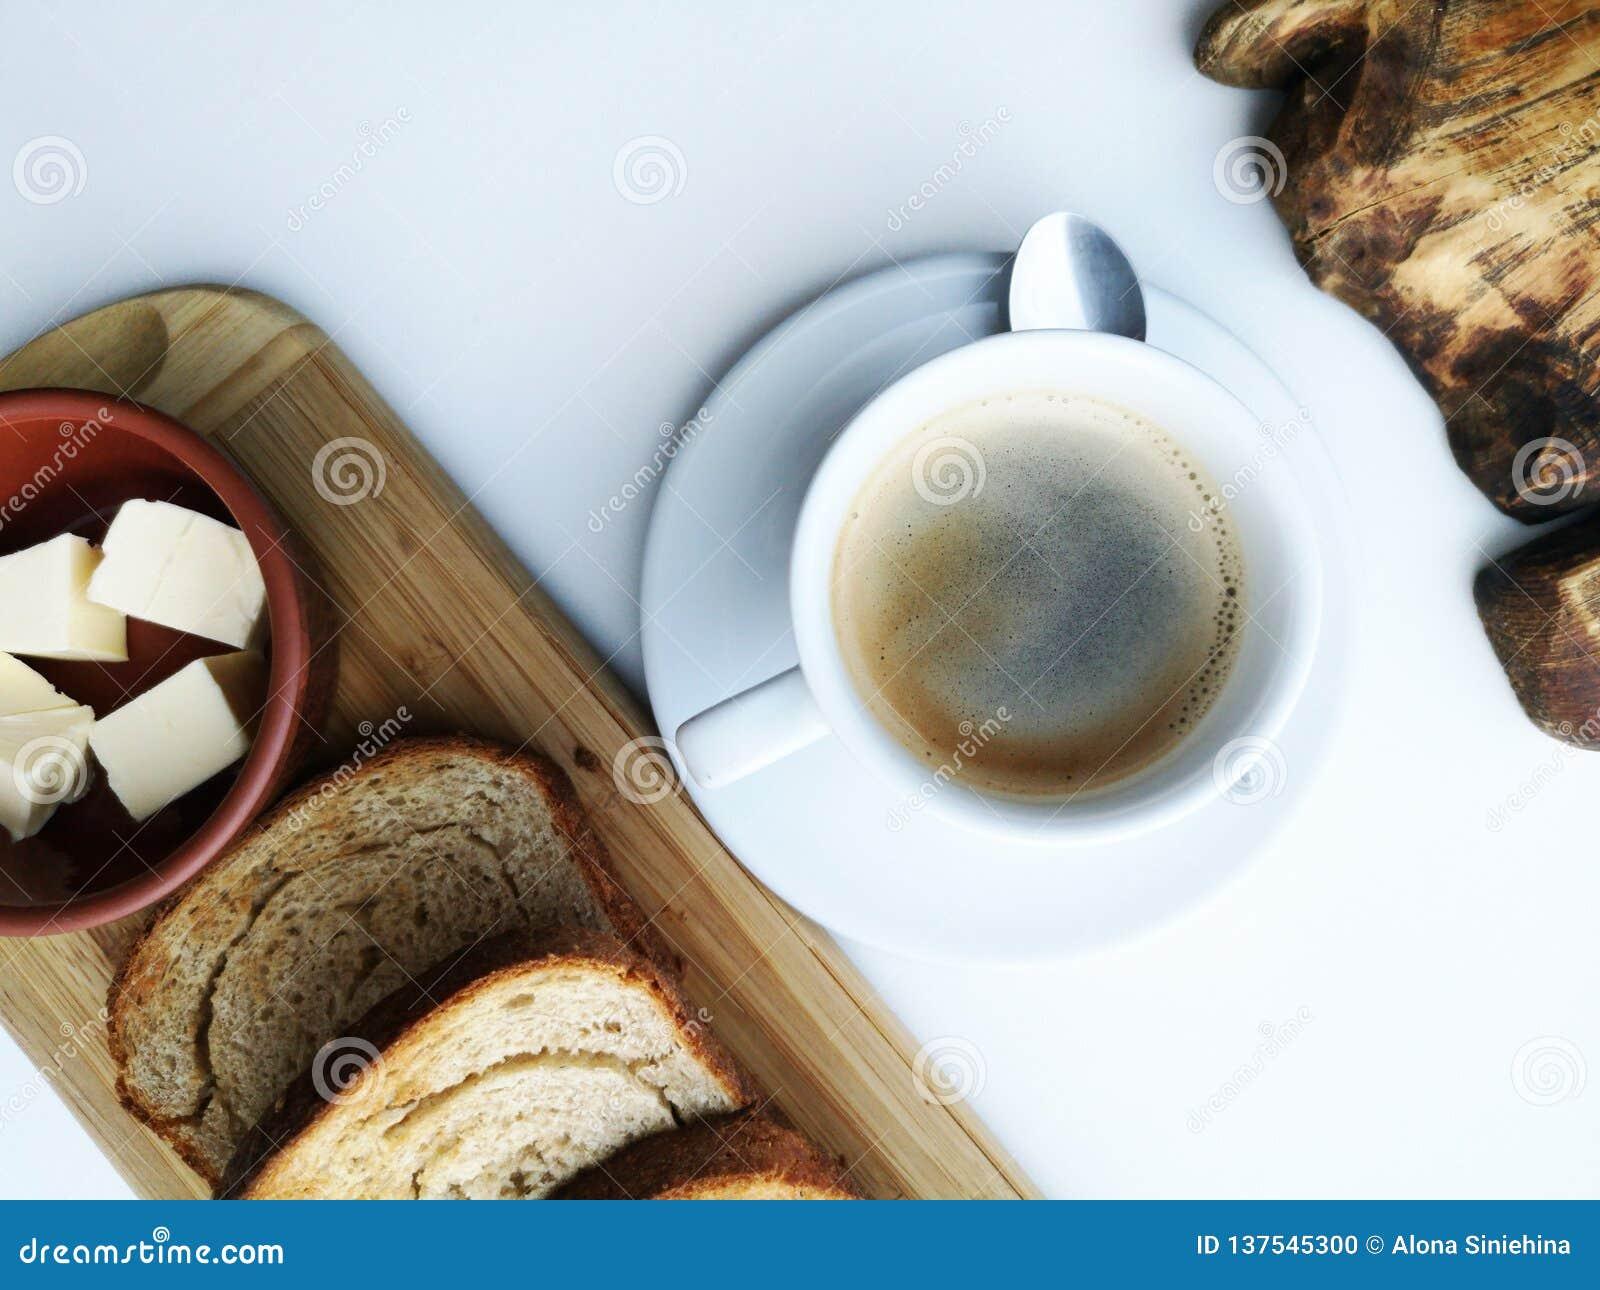 Очень вкусный завтрак: кофе, гренки, взбитые яйца в лотке Еда страны